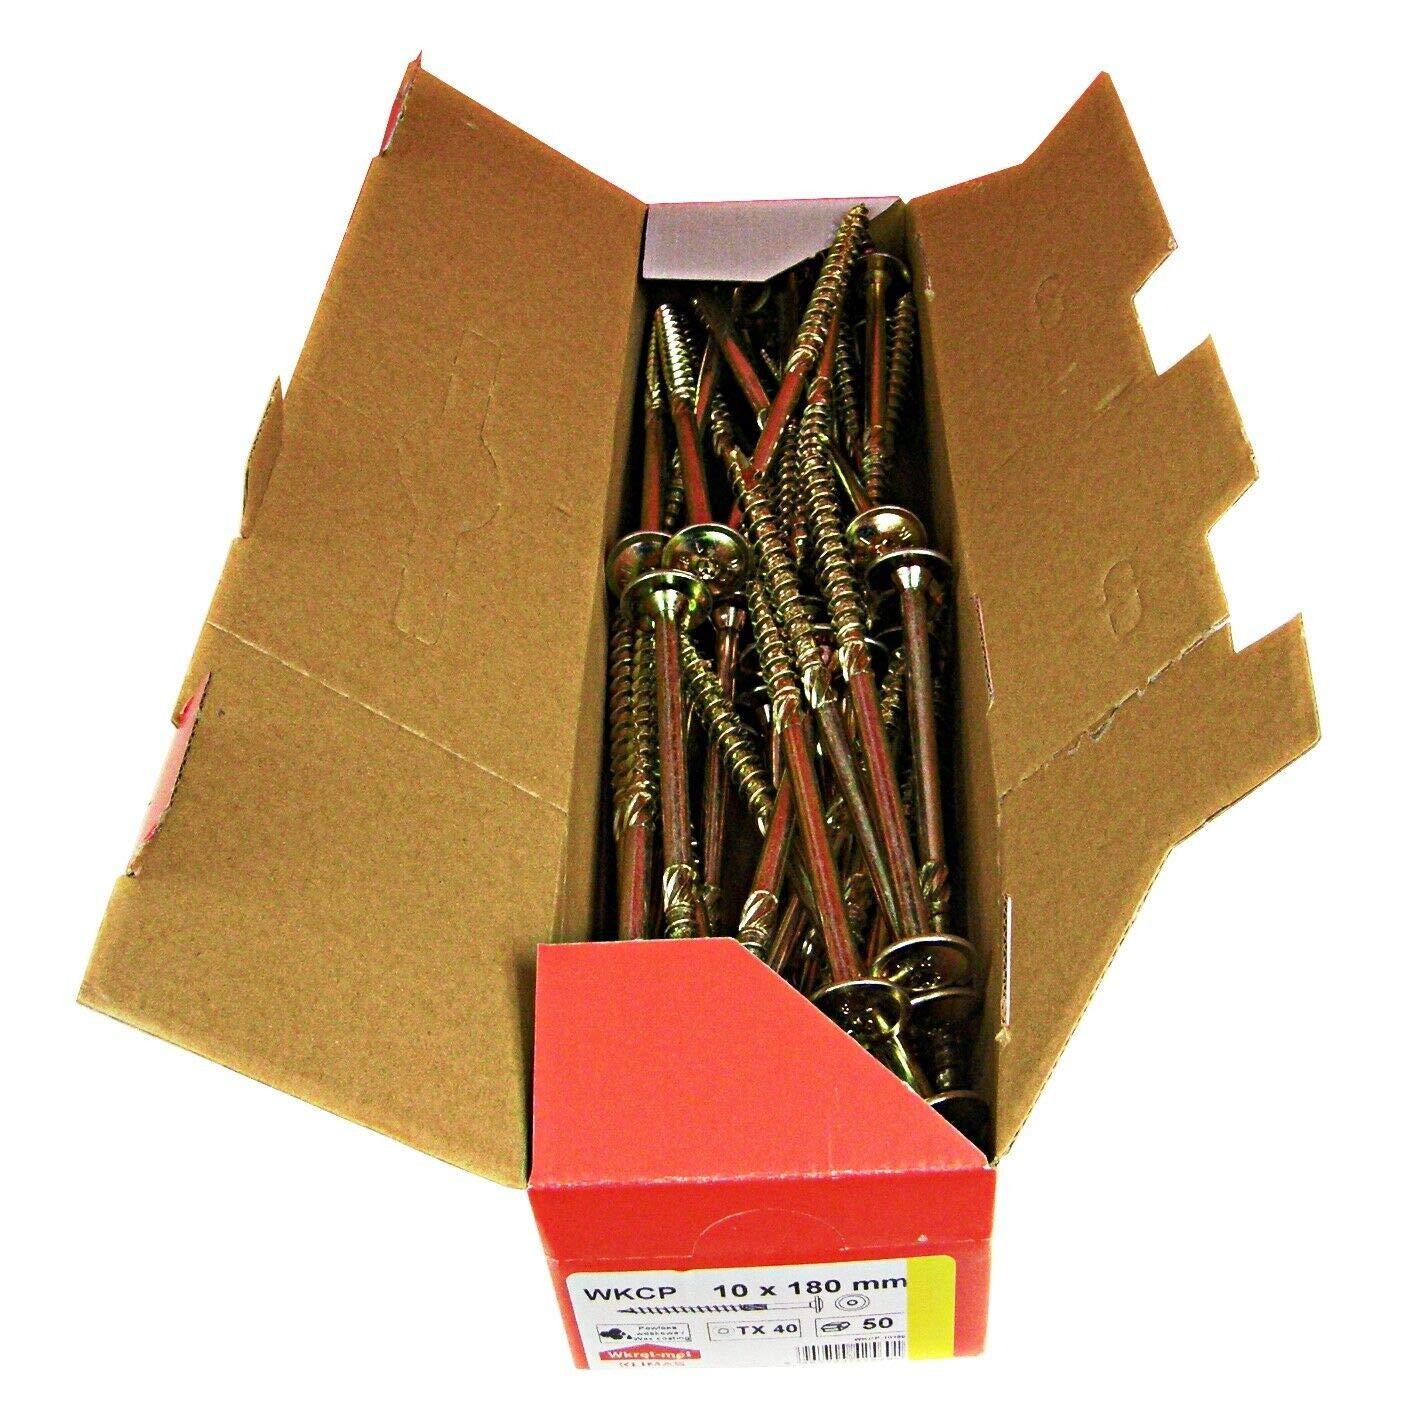 100St/ück 6x70mm TX30 Tellerkopfschrauben Holzbauschrauben alle Gr/ö/ßen Tellerkopf Torx Schrauben